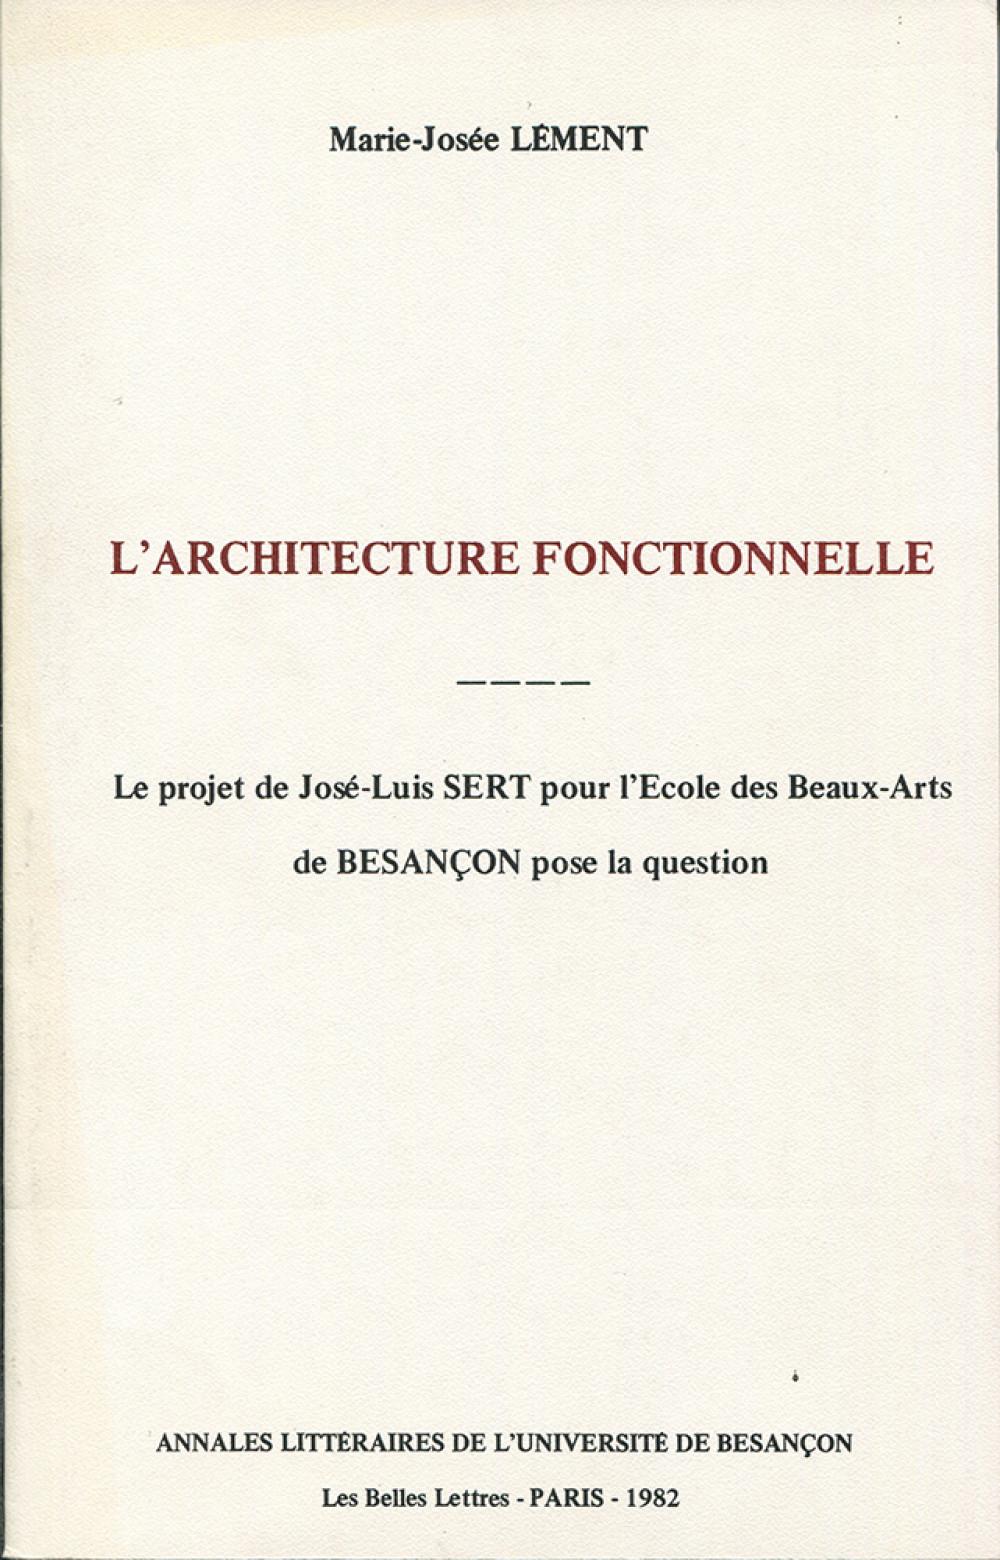 L'architecture fonctionnelle